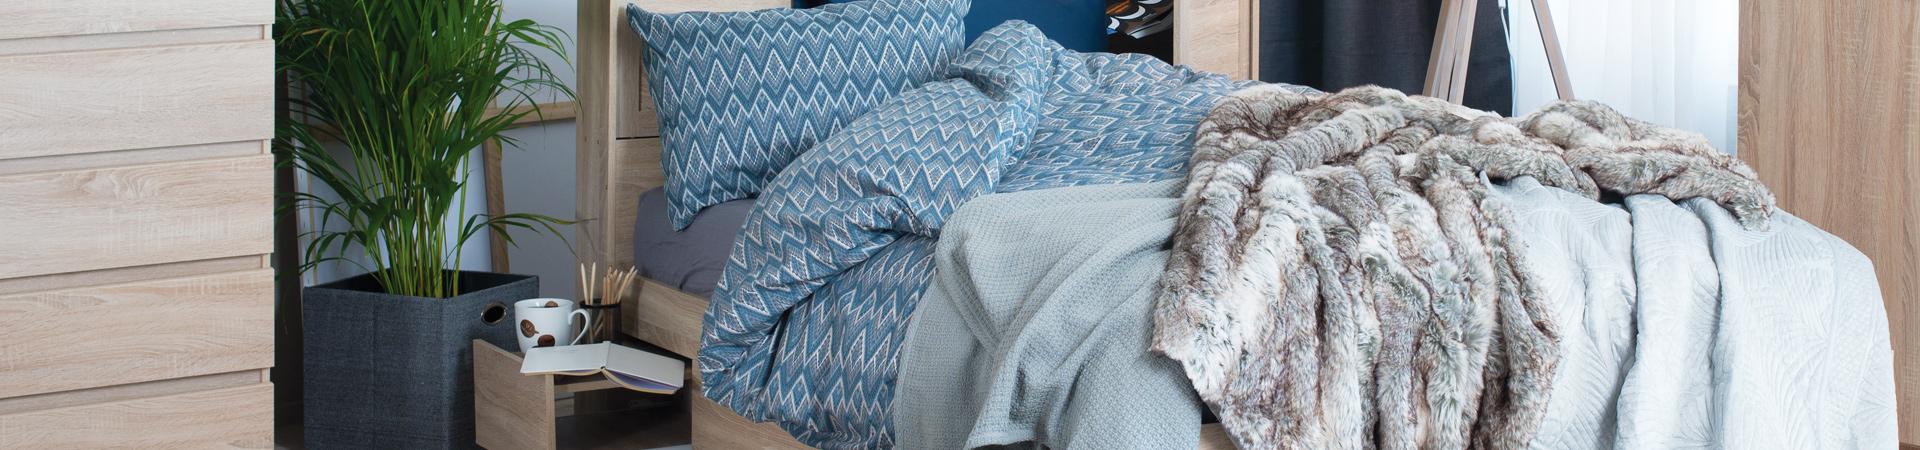 Pledi un gultas pārklāji